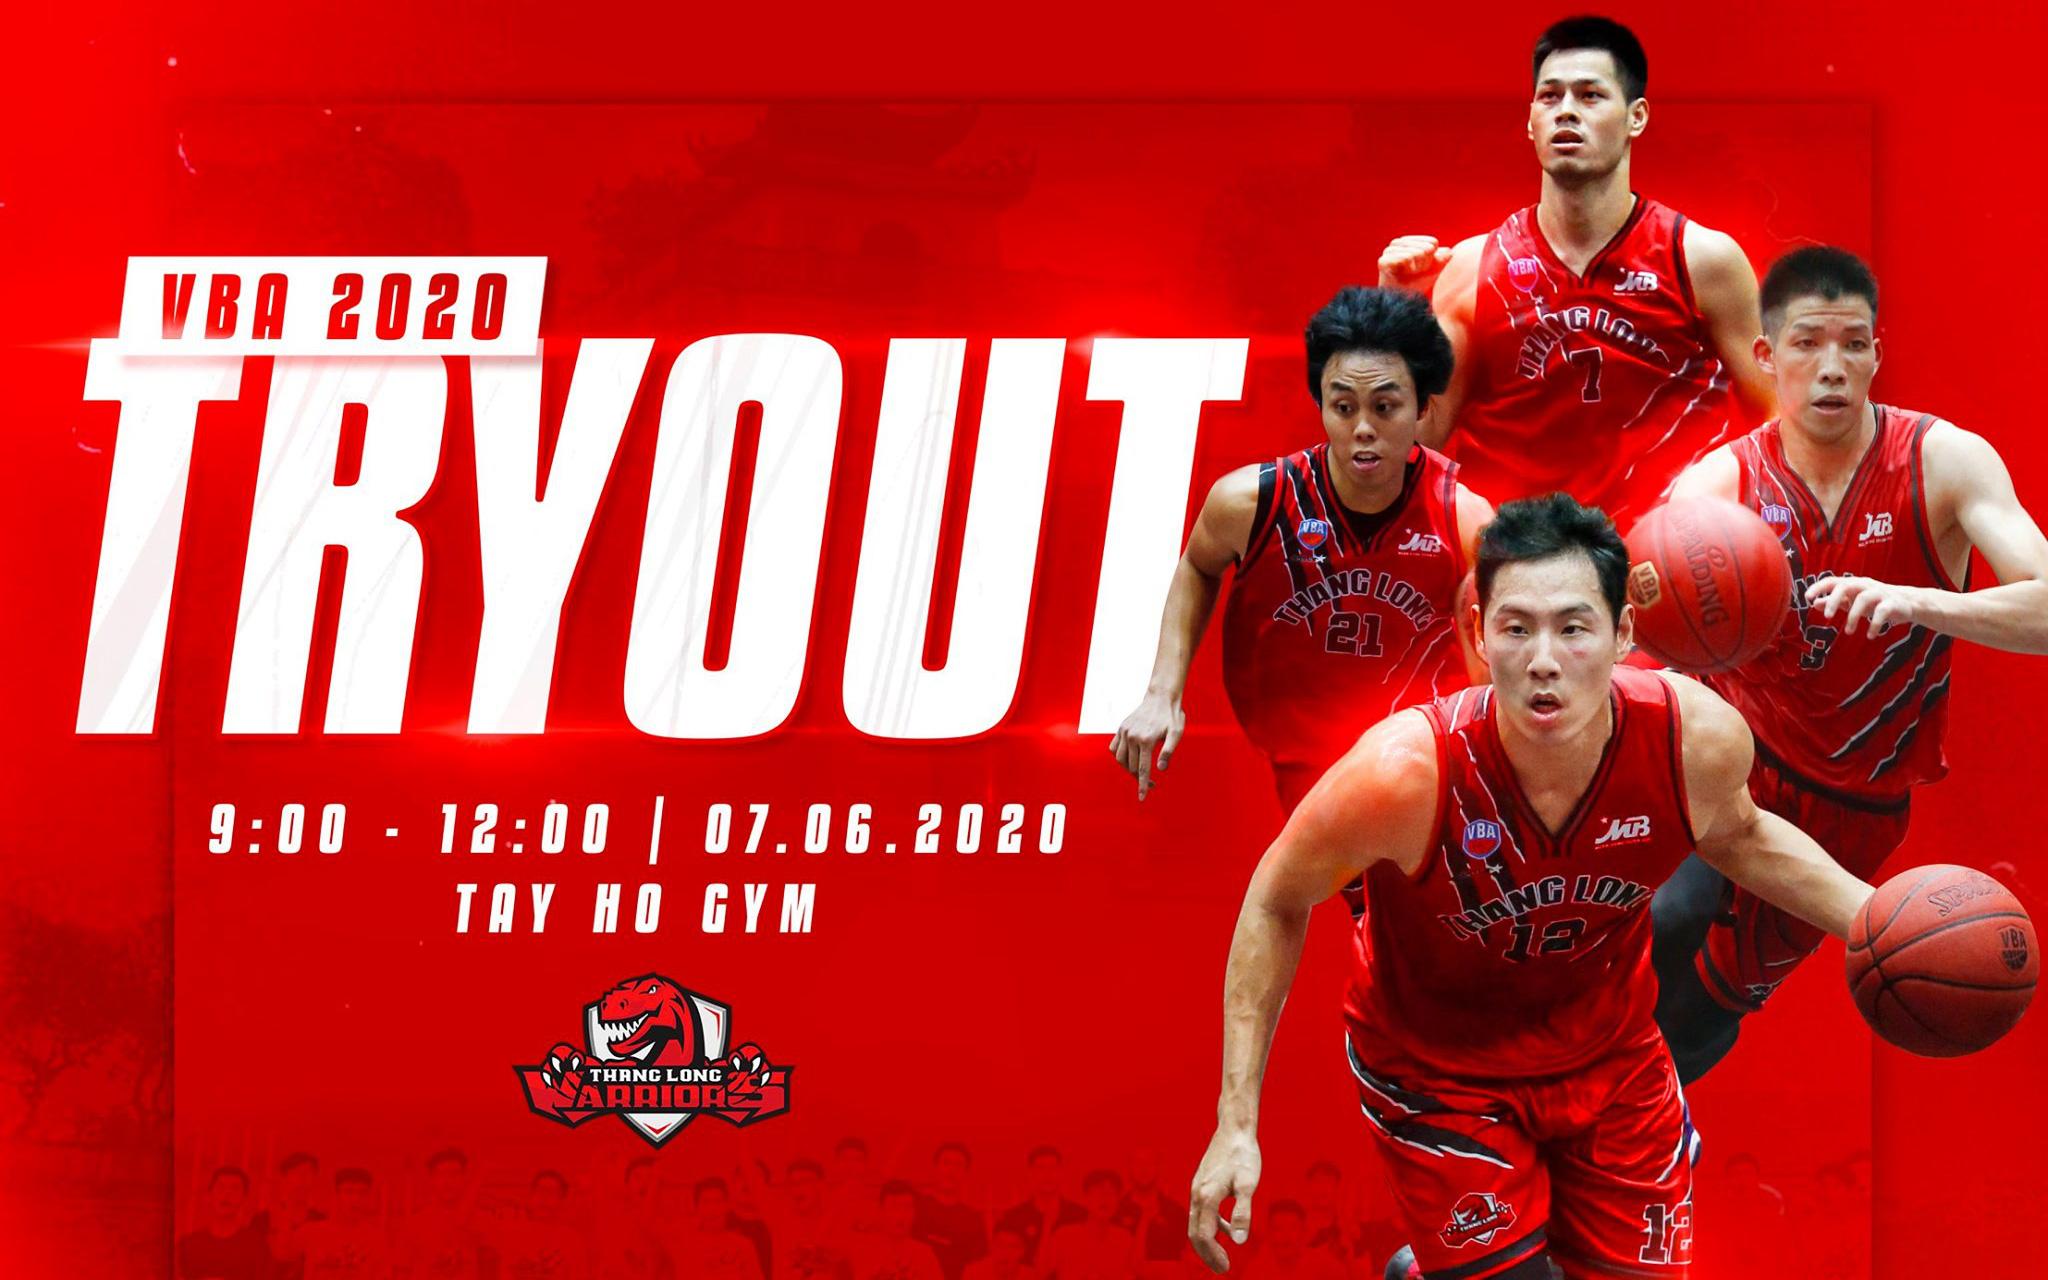 Thang Long Warriors tiếp tục thiết lập kỷ lục mới tại VBA: Giật mình trước số lượng ứng viên tham gia kỳ tuyển quân mùa giải 2020